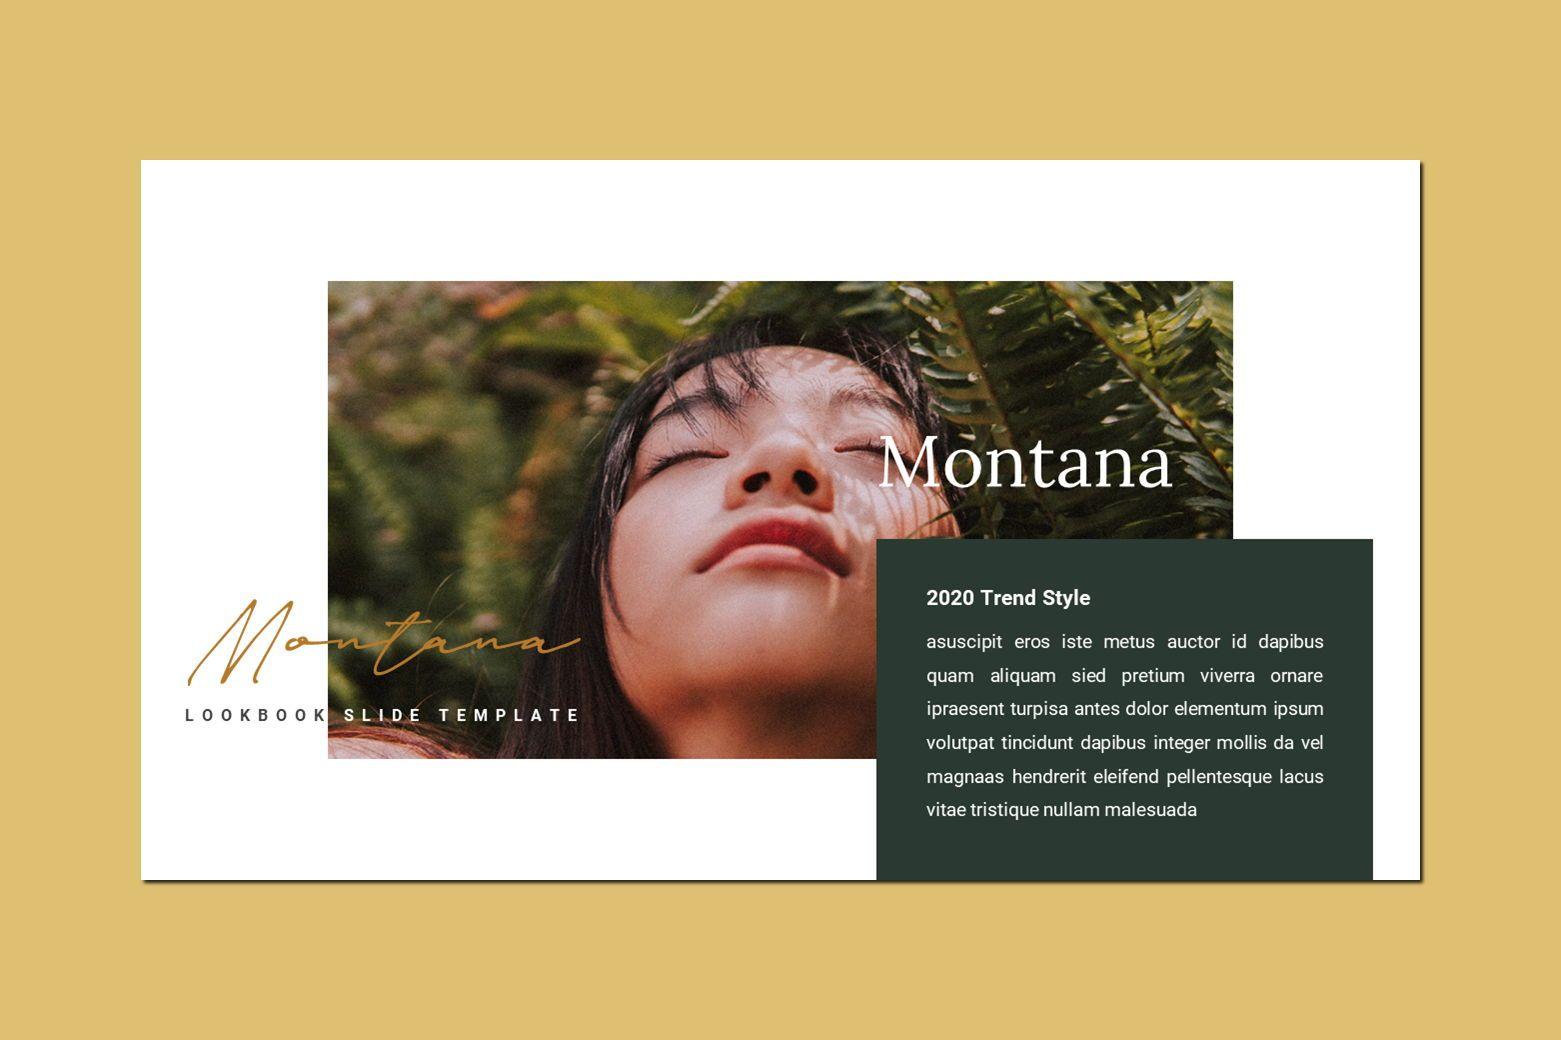 Montana - Google Slides Template, Slide 2, 07562, Presentation Templates — PoweredTemplate.com